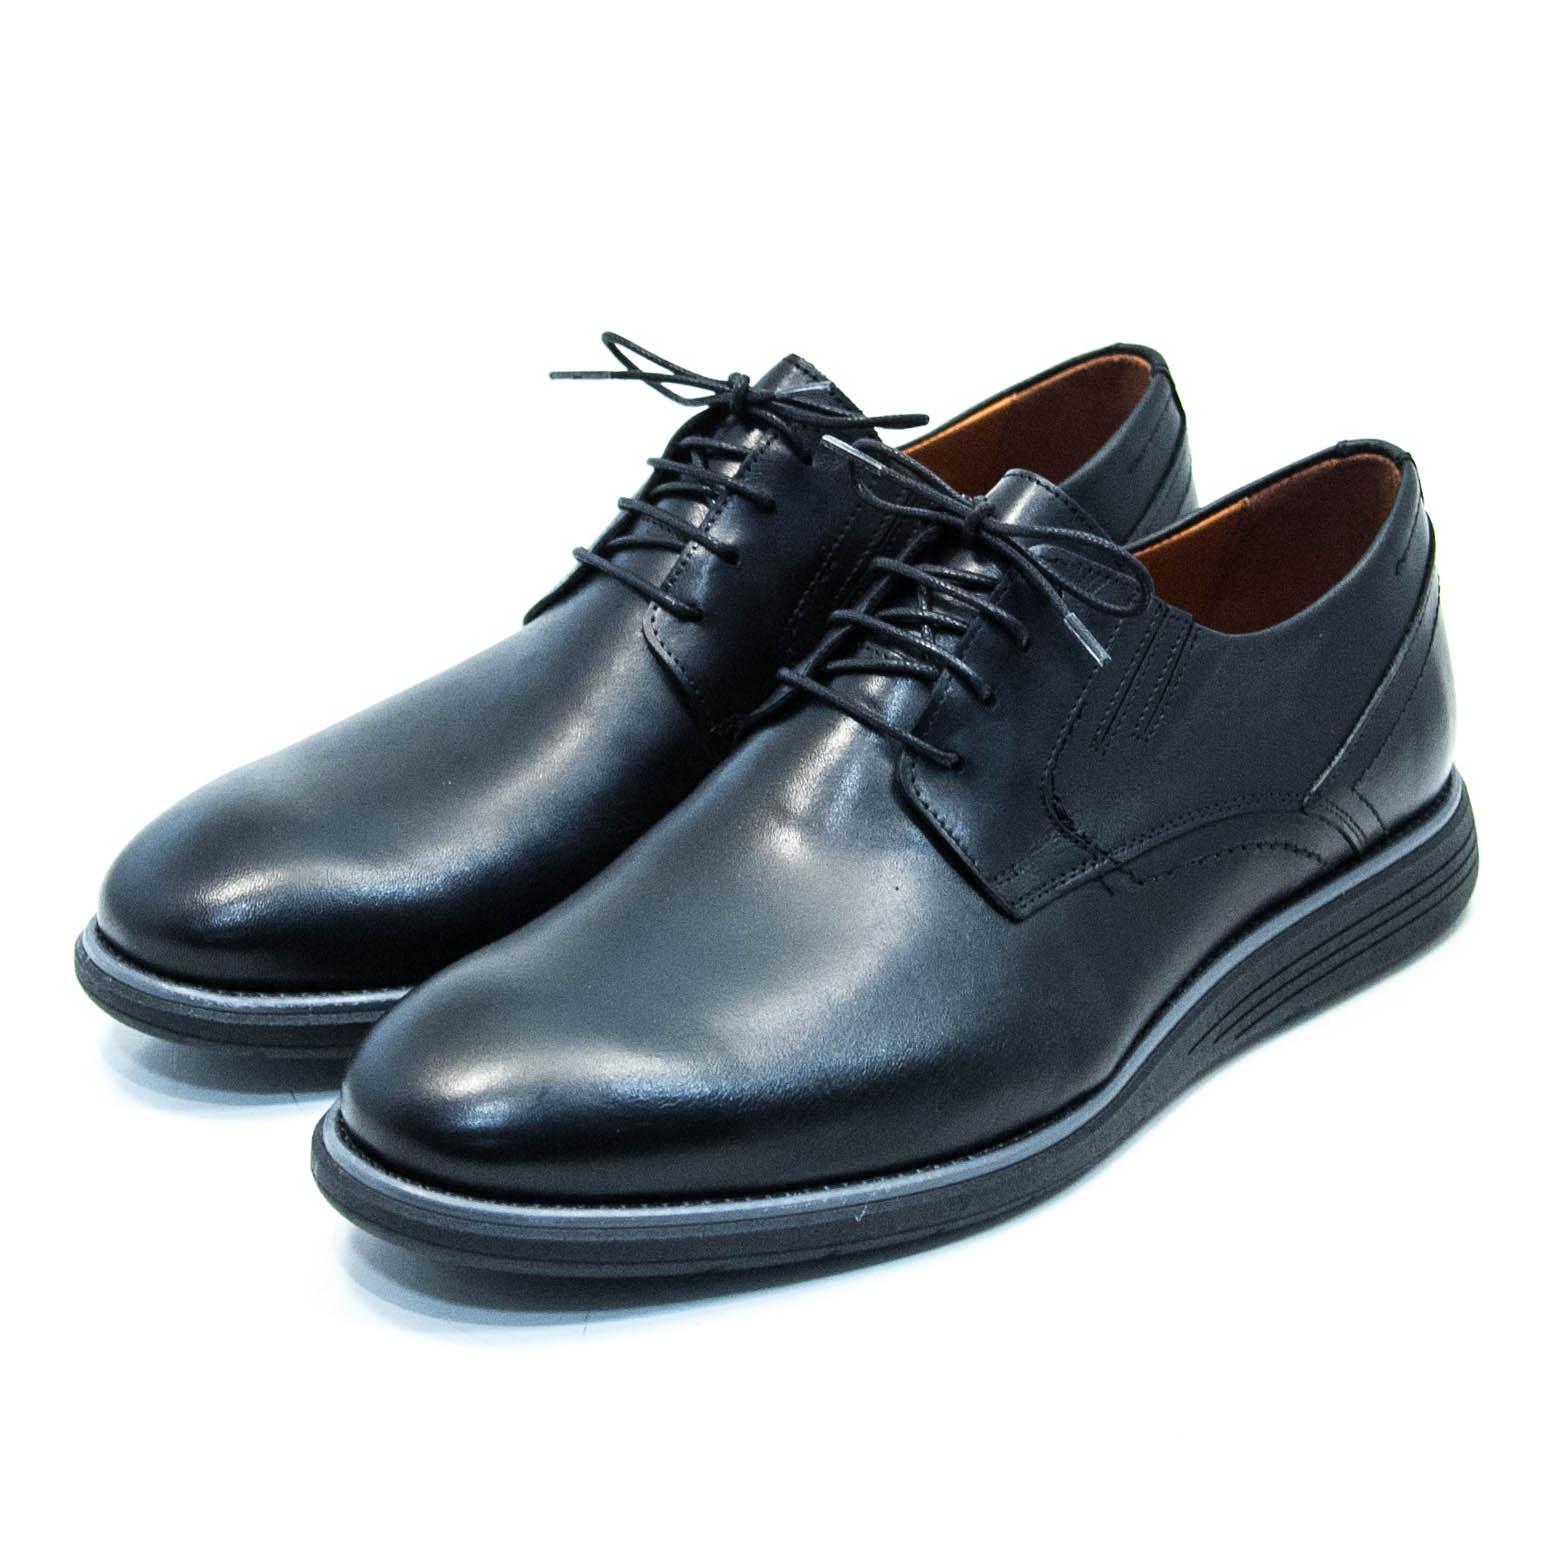 Αντρικό παπούτσι DAMIANI 2151